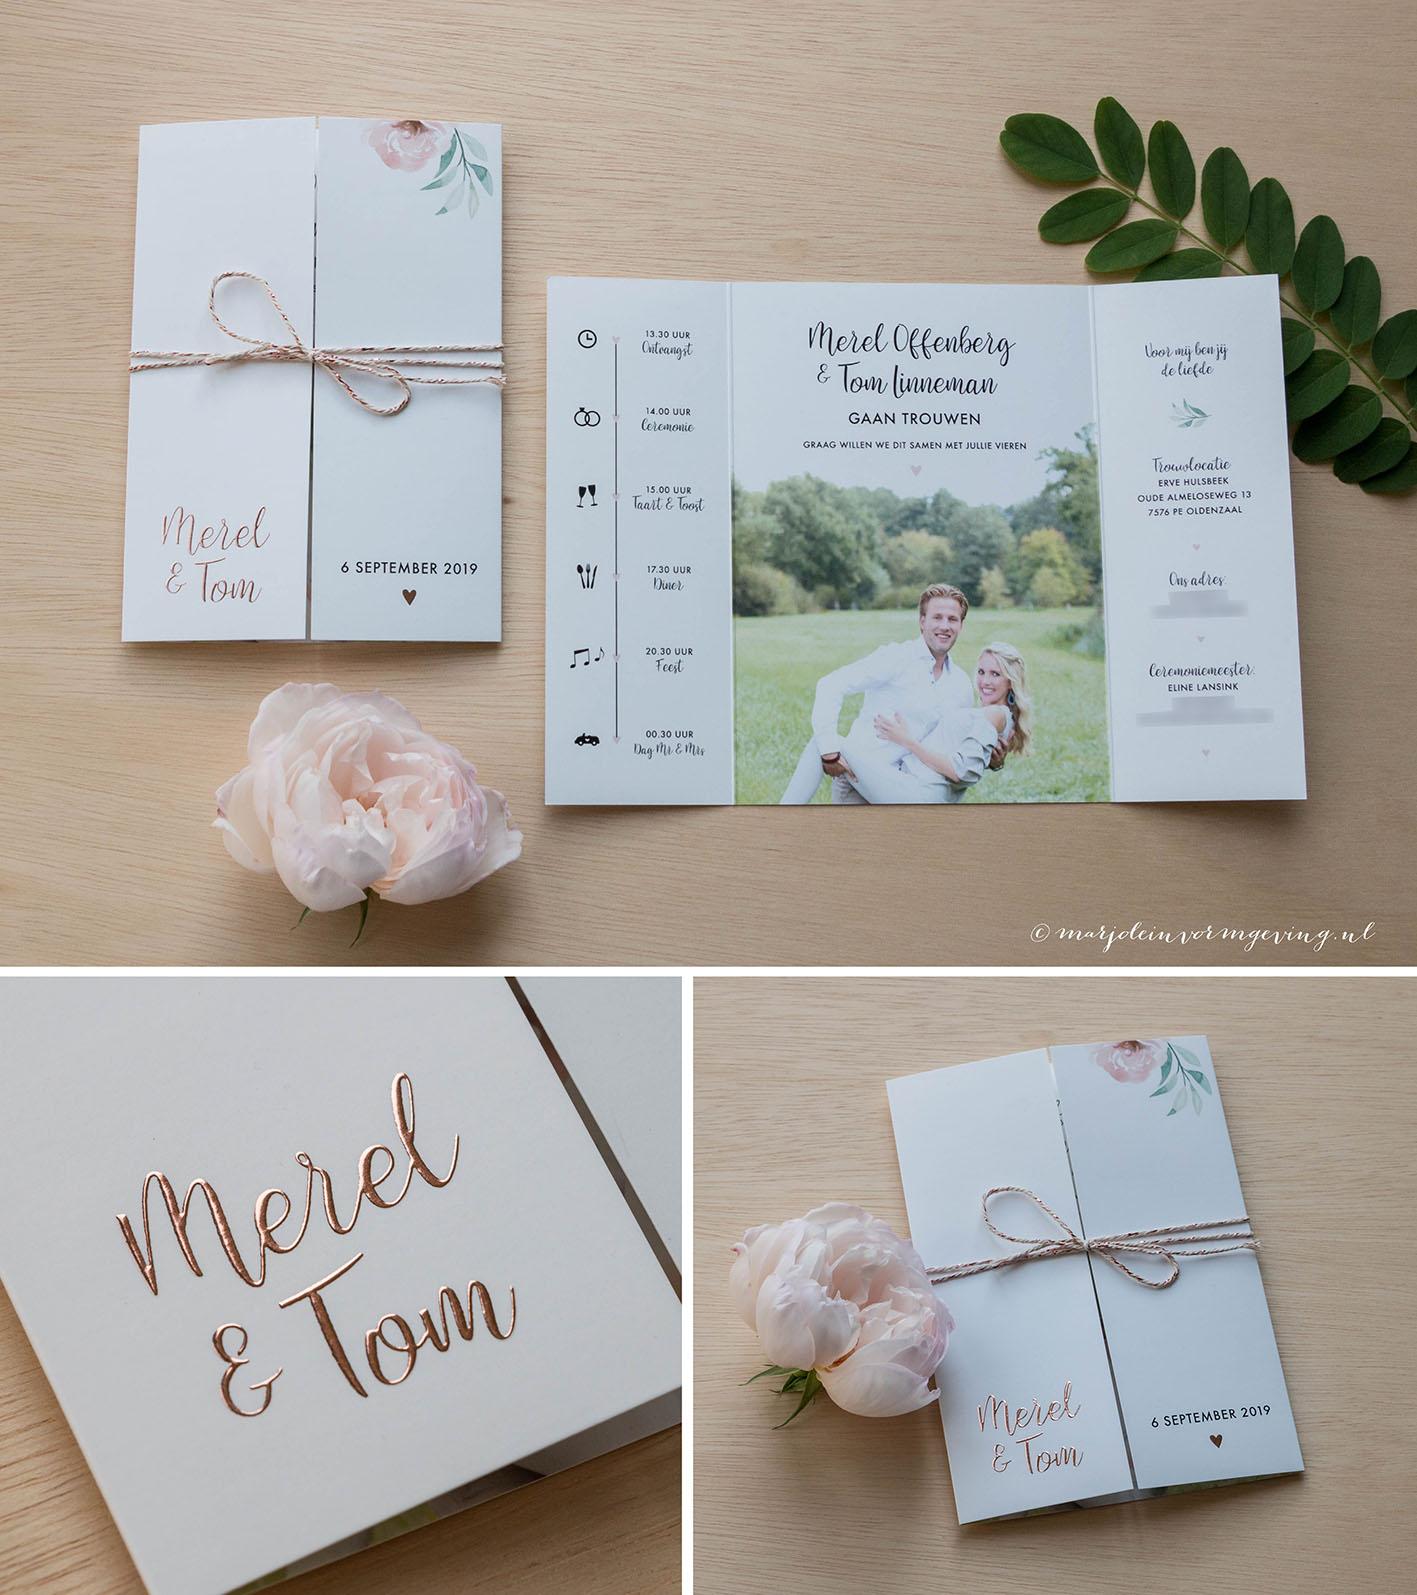 Trouwkaart op maat in formaat luikvouw met koperfolie en bloemen